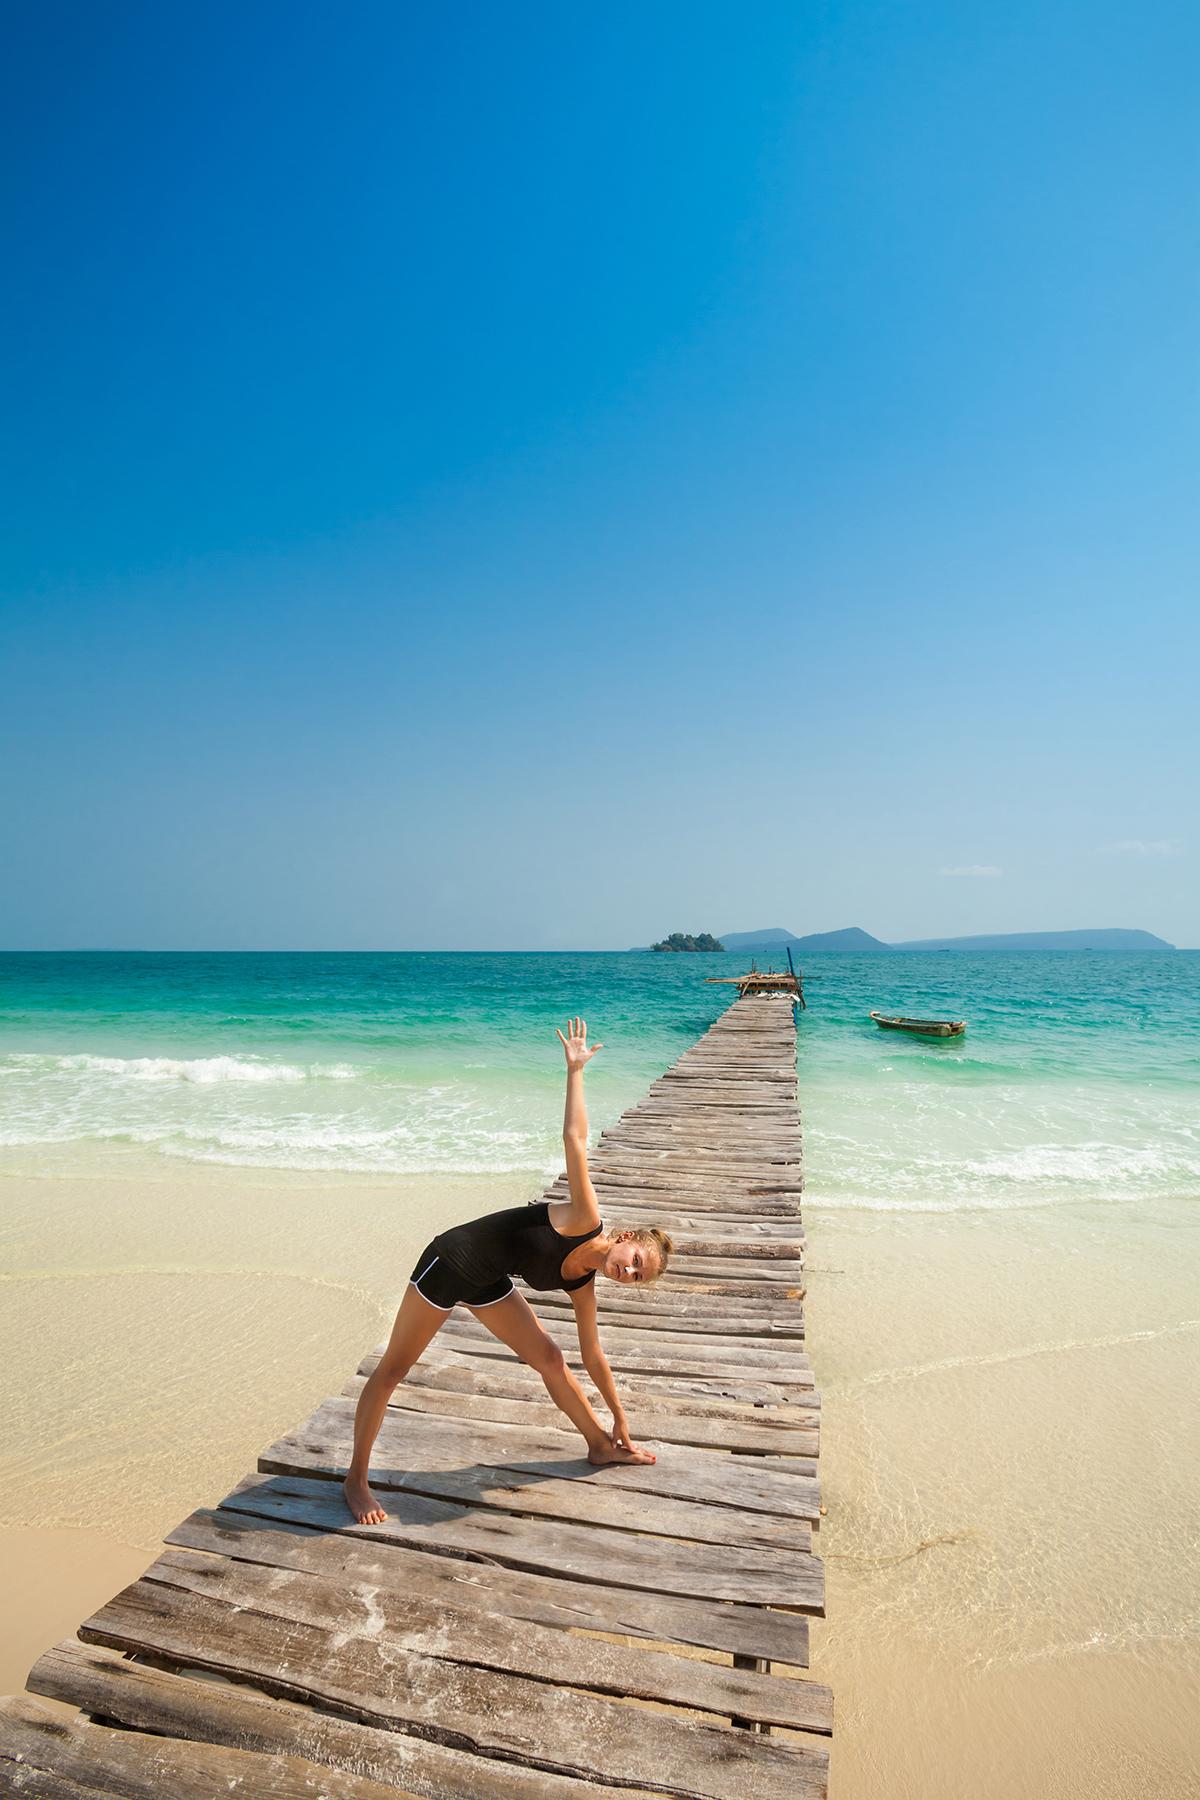 zdjecia jogi na plazy fotografia slask 11 Egzotyczna sesja jogi   fotografia reklamowa